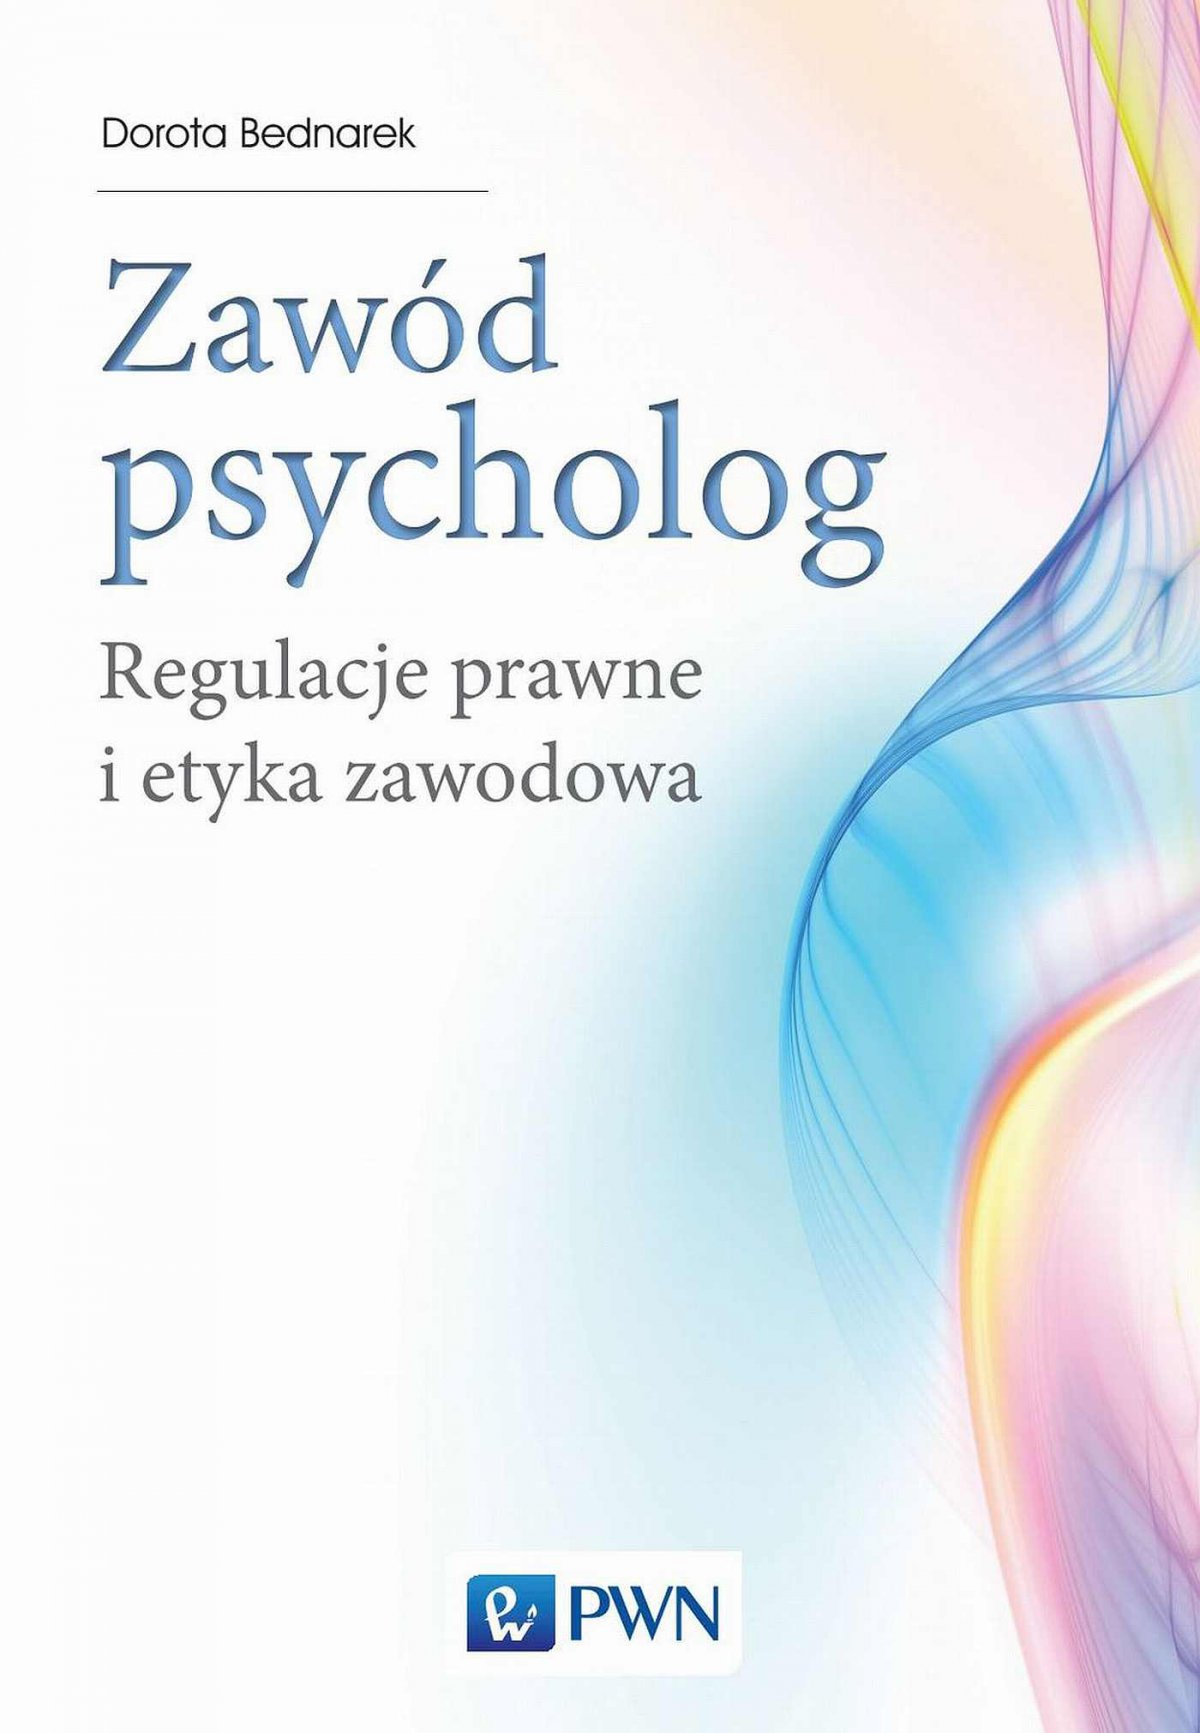 Zawód: psycholog. Regulacje prawne i etyka zawodowa - Ebook (Książka na Kindle) do pobrania w formacie MOBI